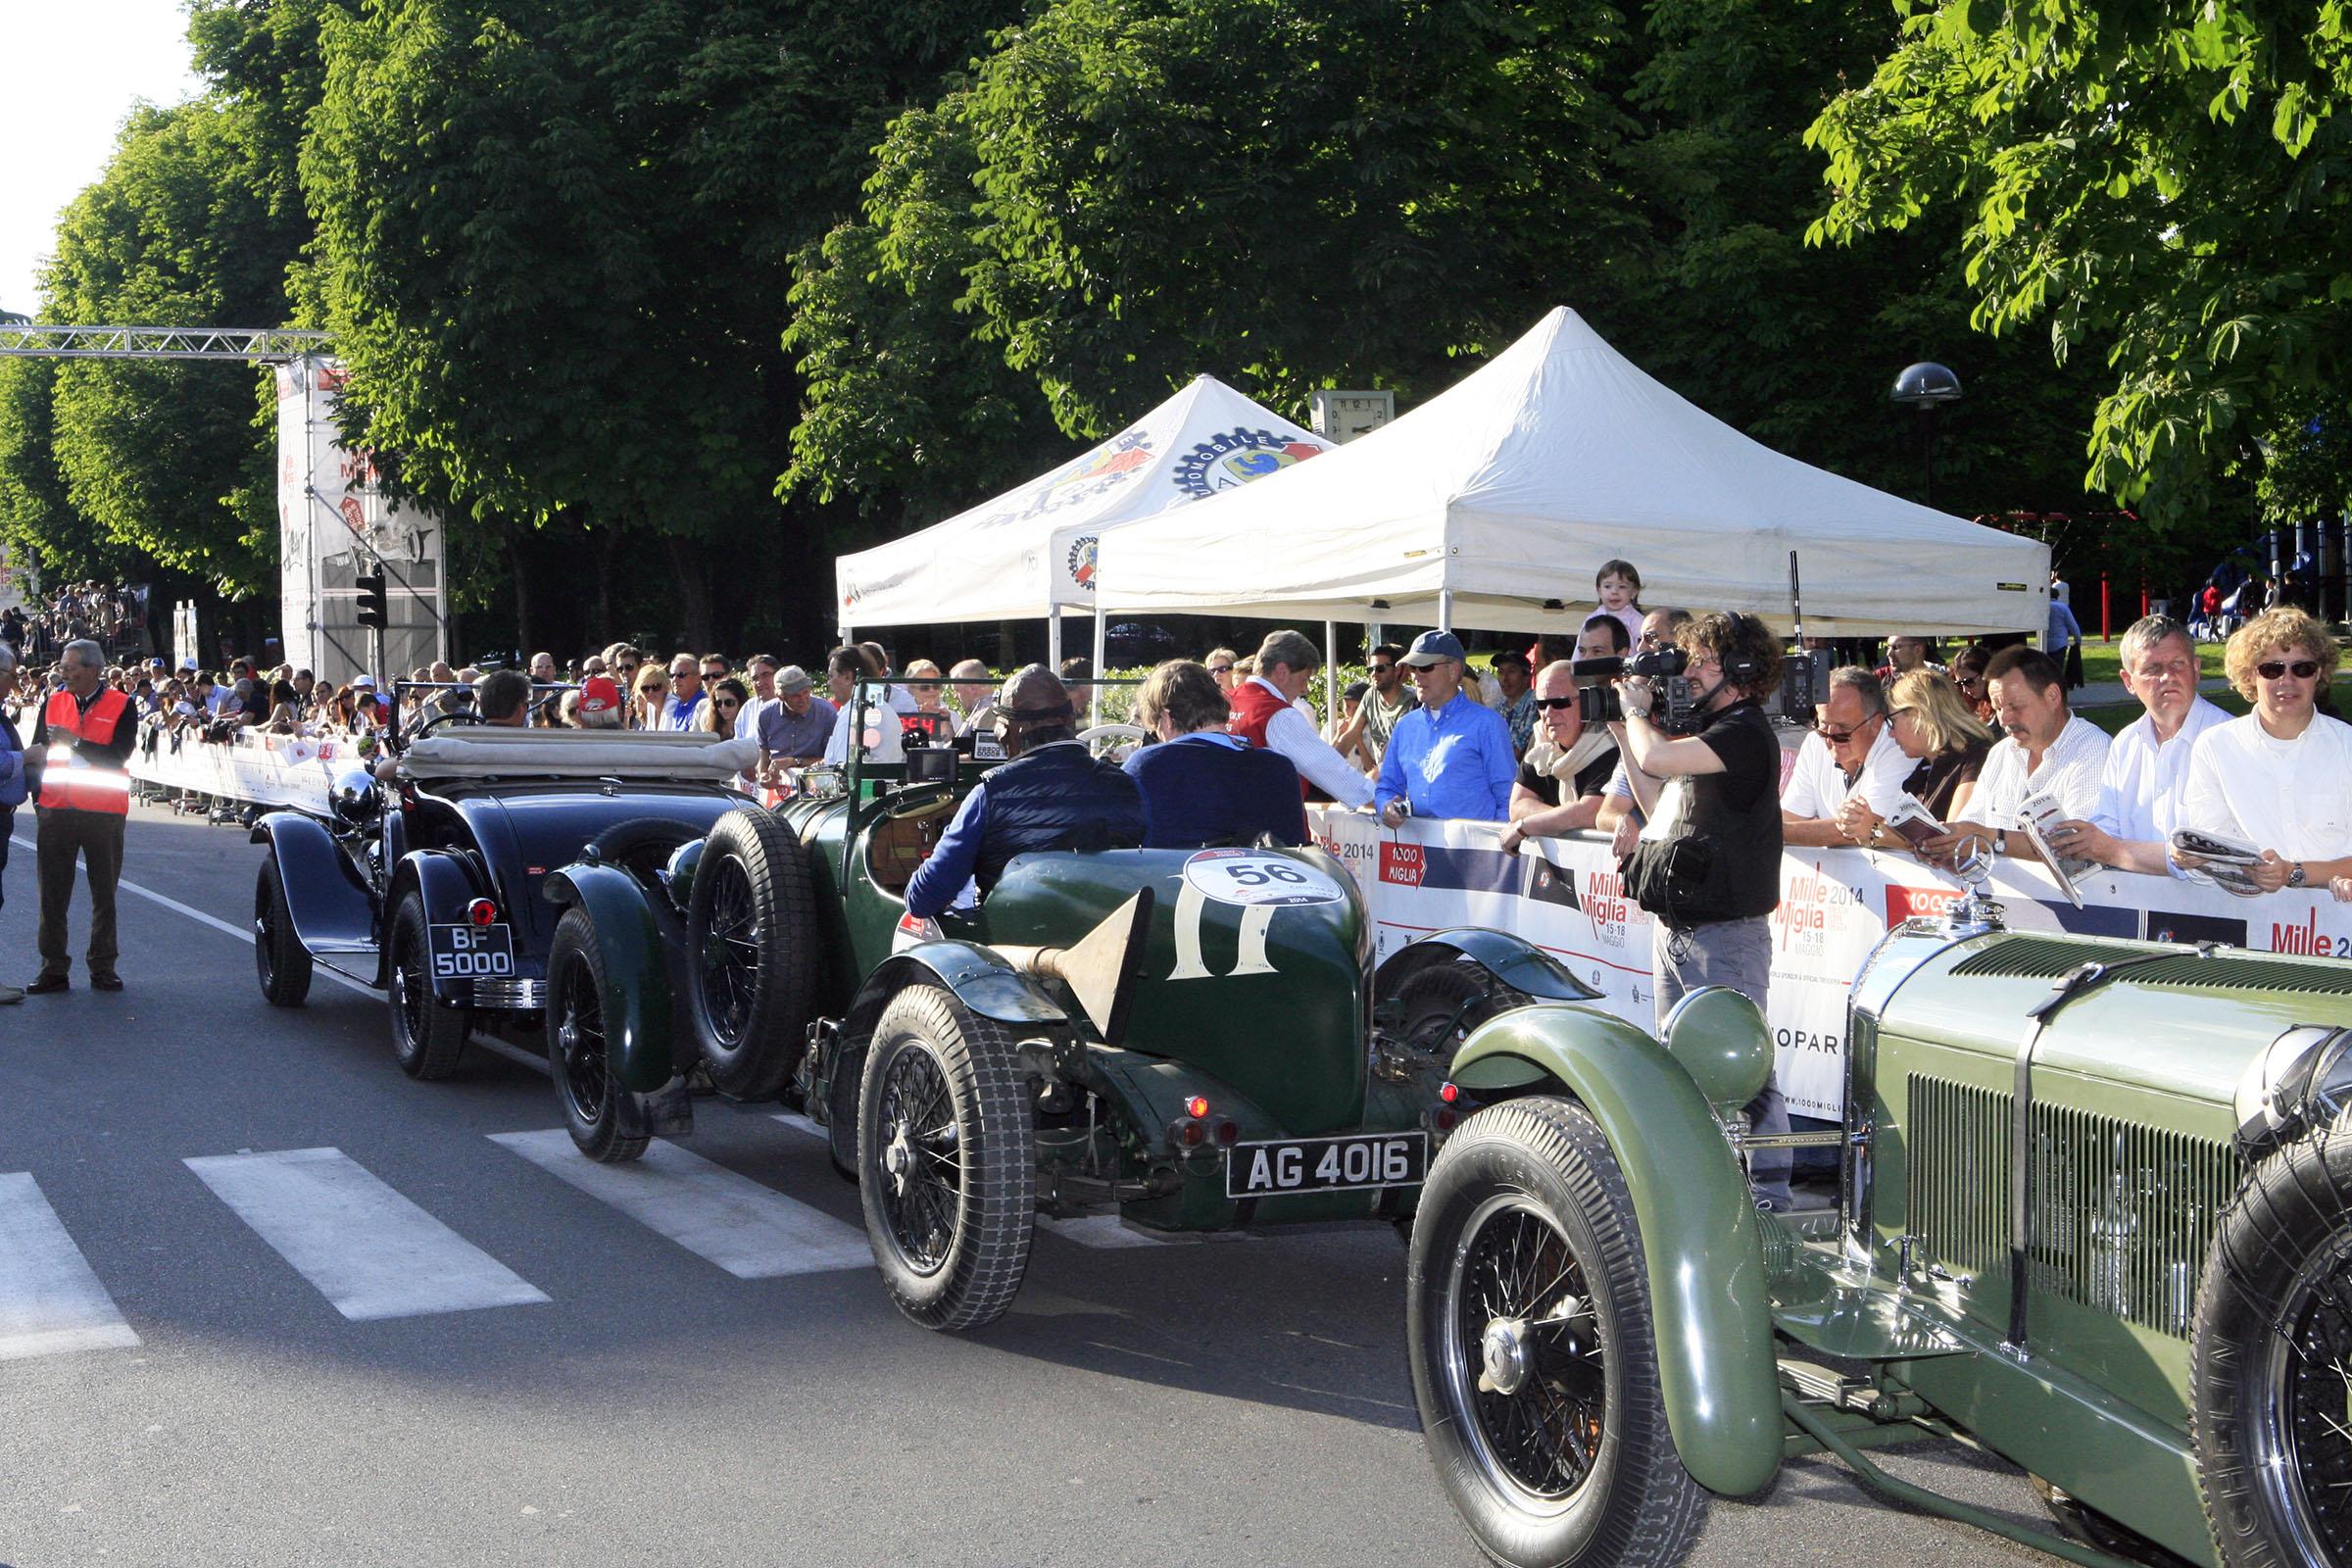 56 - SCHENK Christian (A) + BAHL Erwin -Bentley 4.5 Litre (1929)